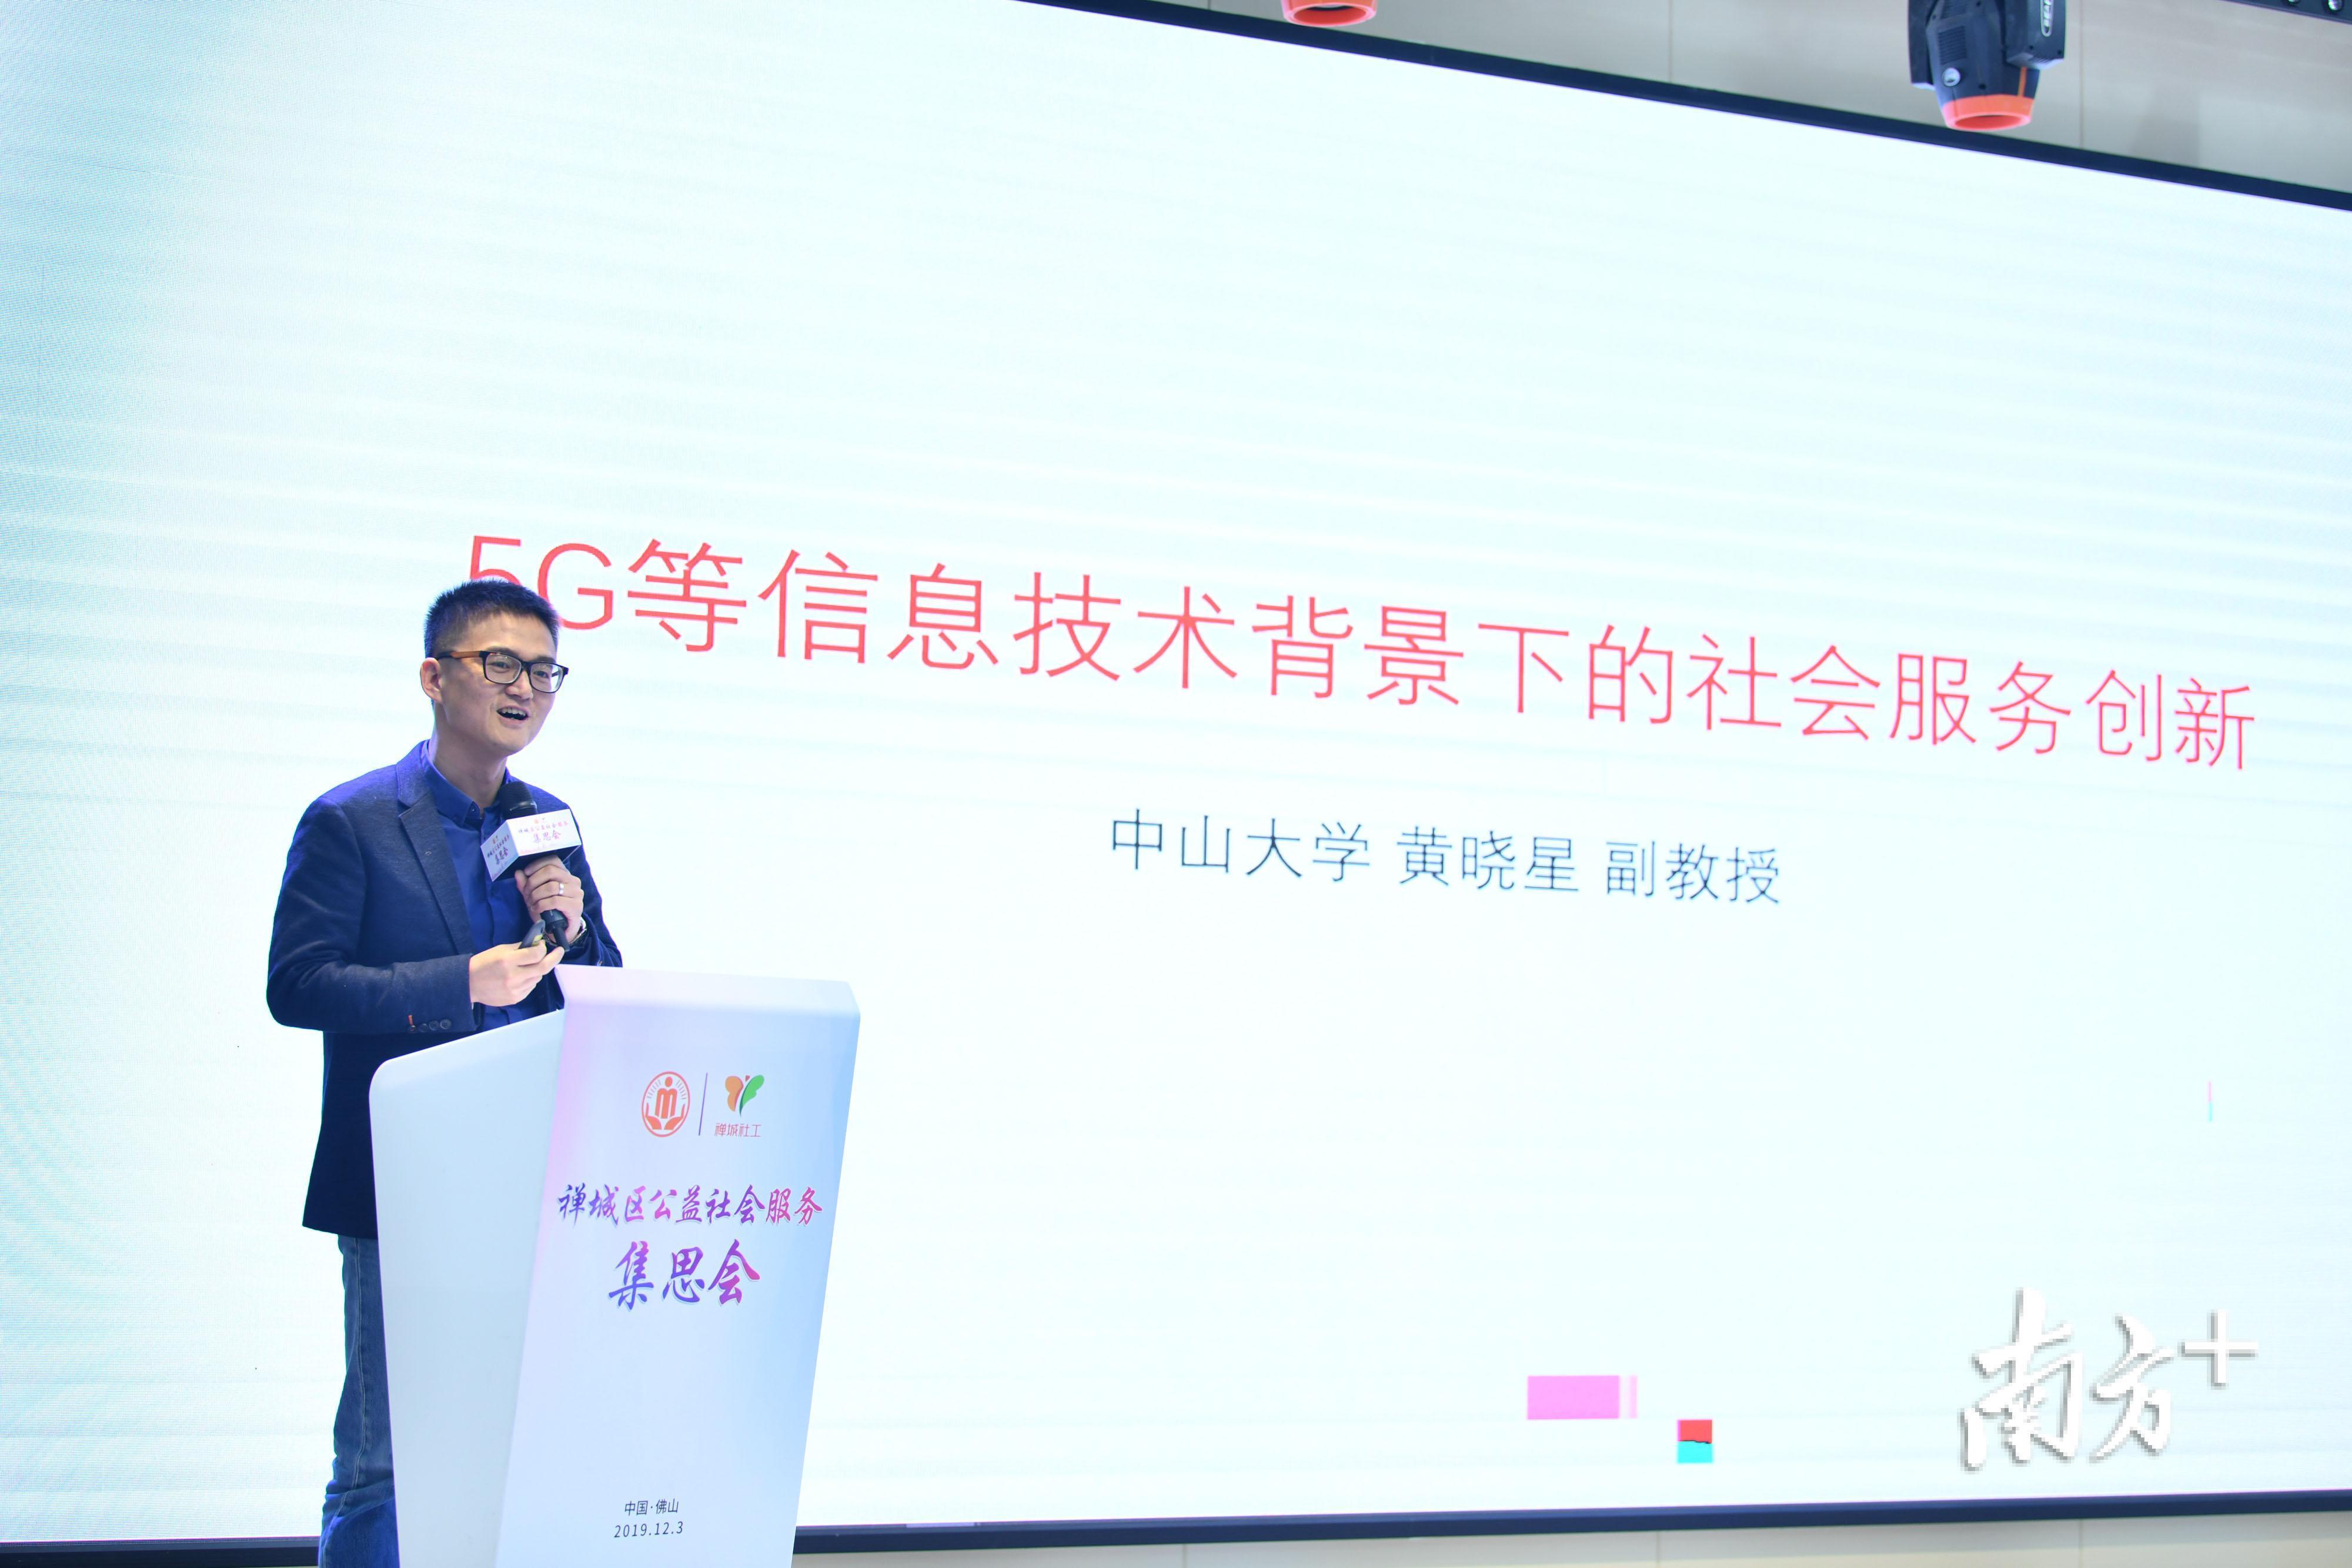 中山大学社会学与社会工作系副教授、博士生导师黄晓星作《5G等信息技术背景下的社会服务创新》主题演讲。戴嘉信 摄